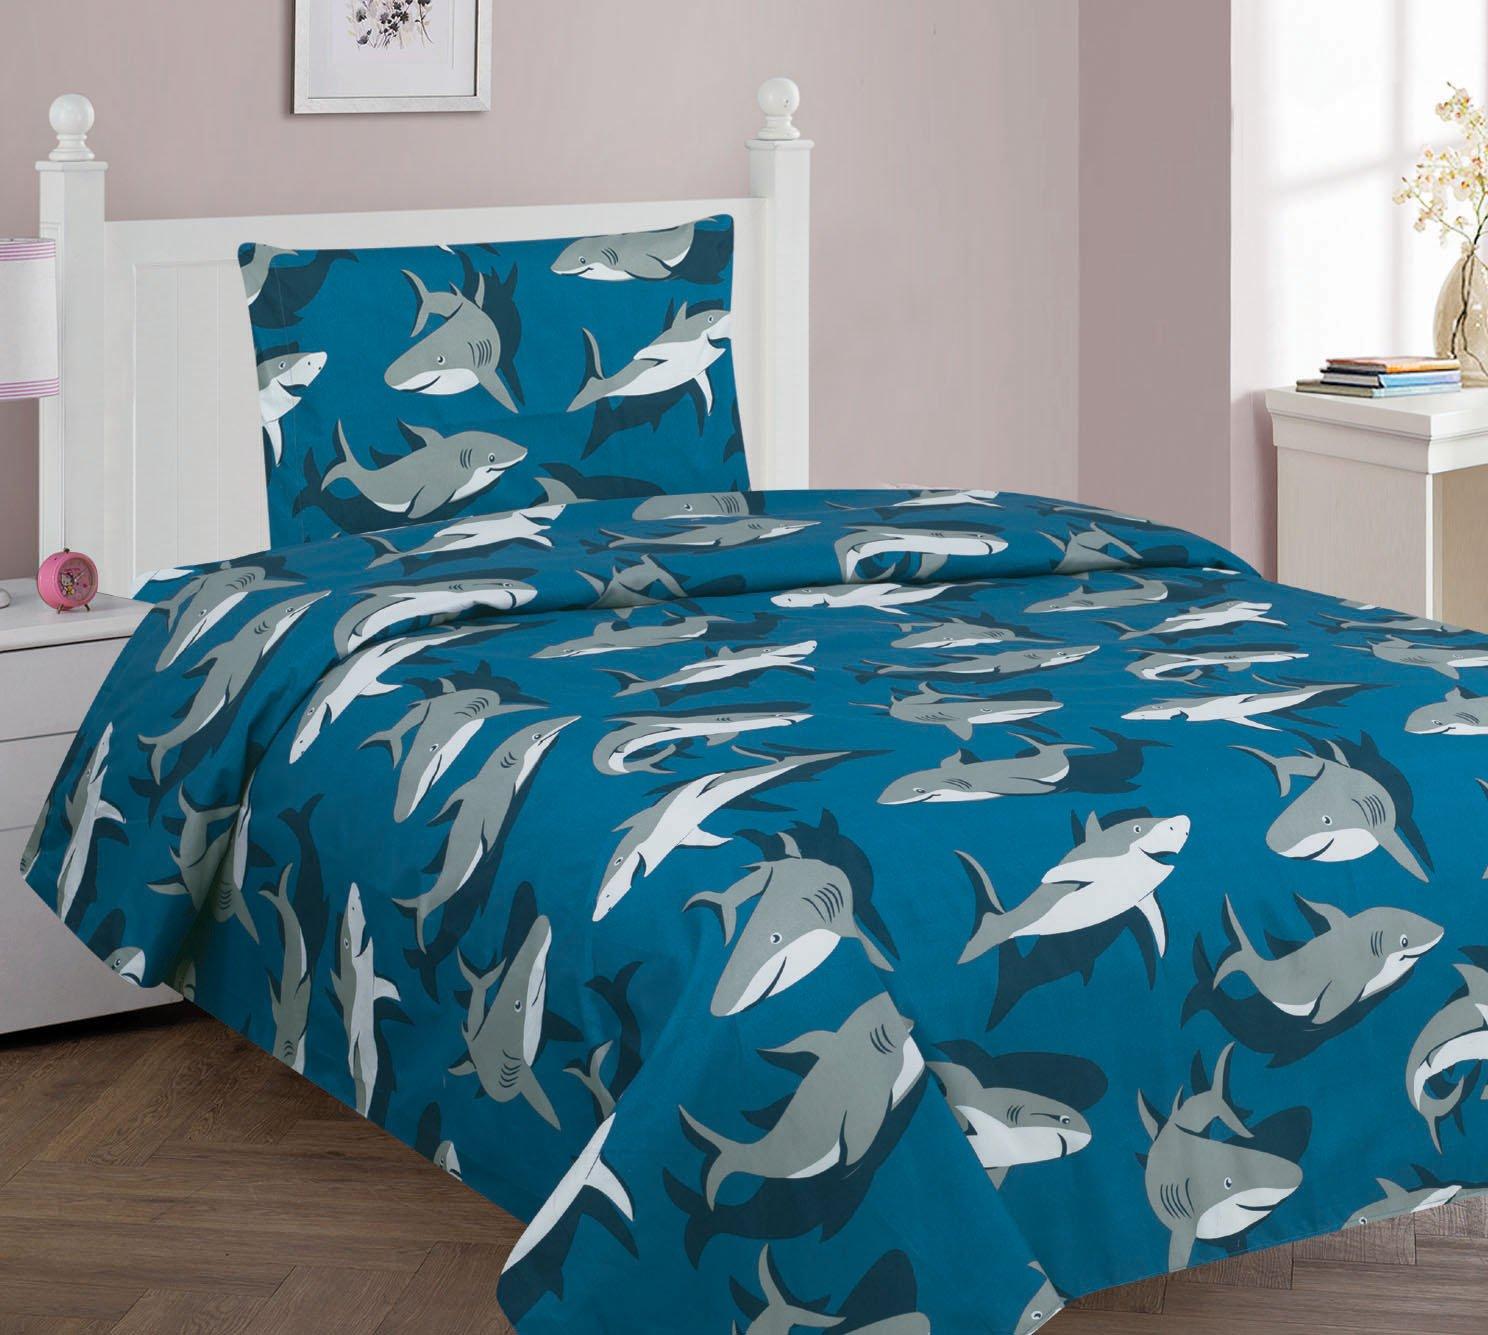 Golden Linens Twin Size 3 Pieces Printed Sheet set Multi colors Blue Grey Shark Design Boys/Kids/Teens # Twin Sheet Shark